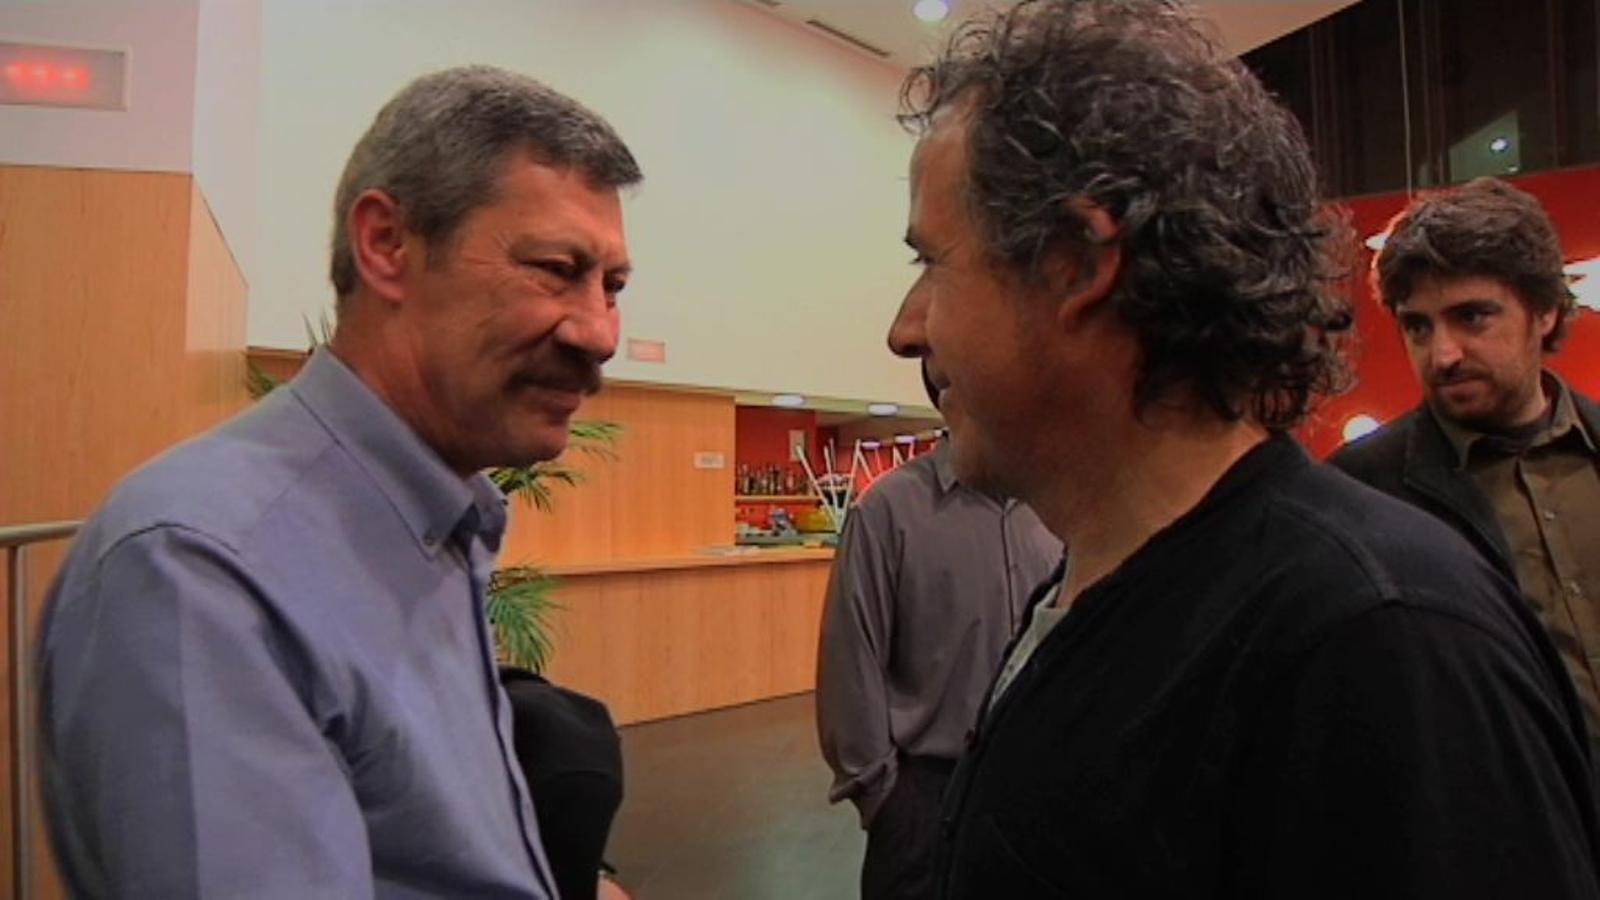 El guàrdia Gálvez parla amb el fotògraf que el va retratar salvant una víctima de la caserna de Vic